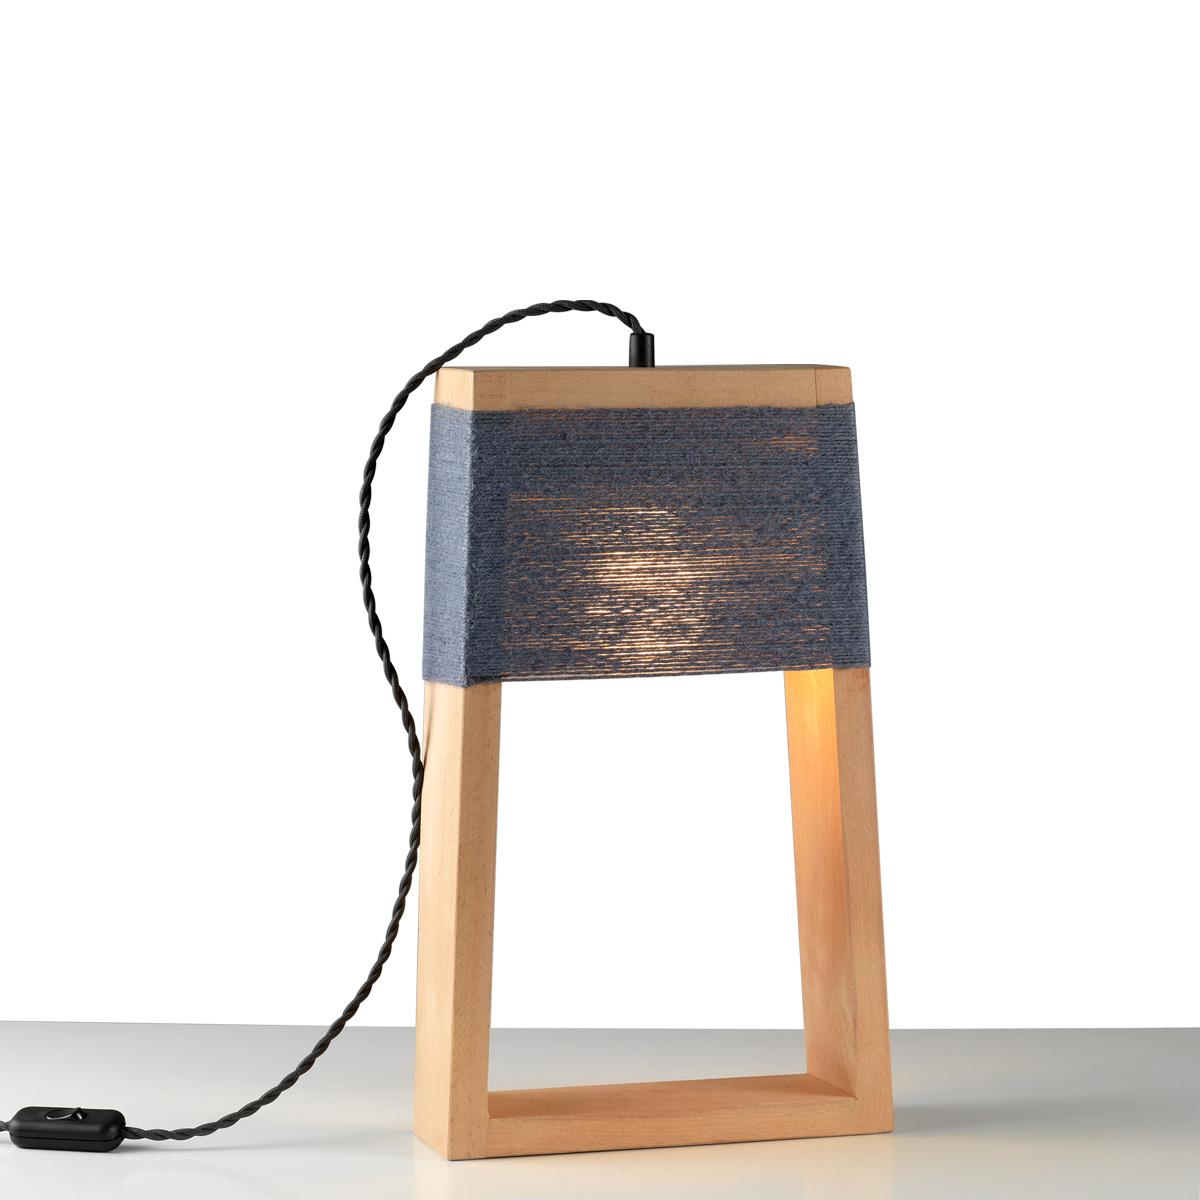 Επιτραπέζιο ξύλινο φωτιστικό SOHO wooden table lamp